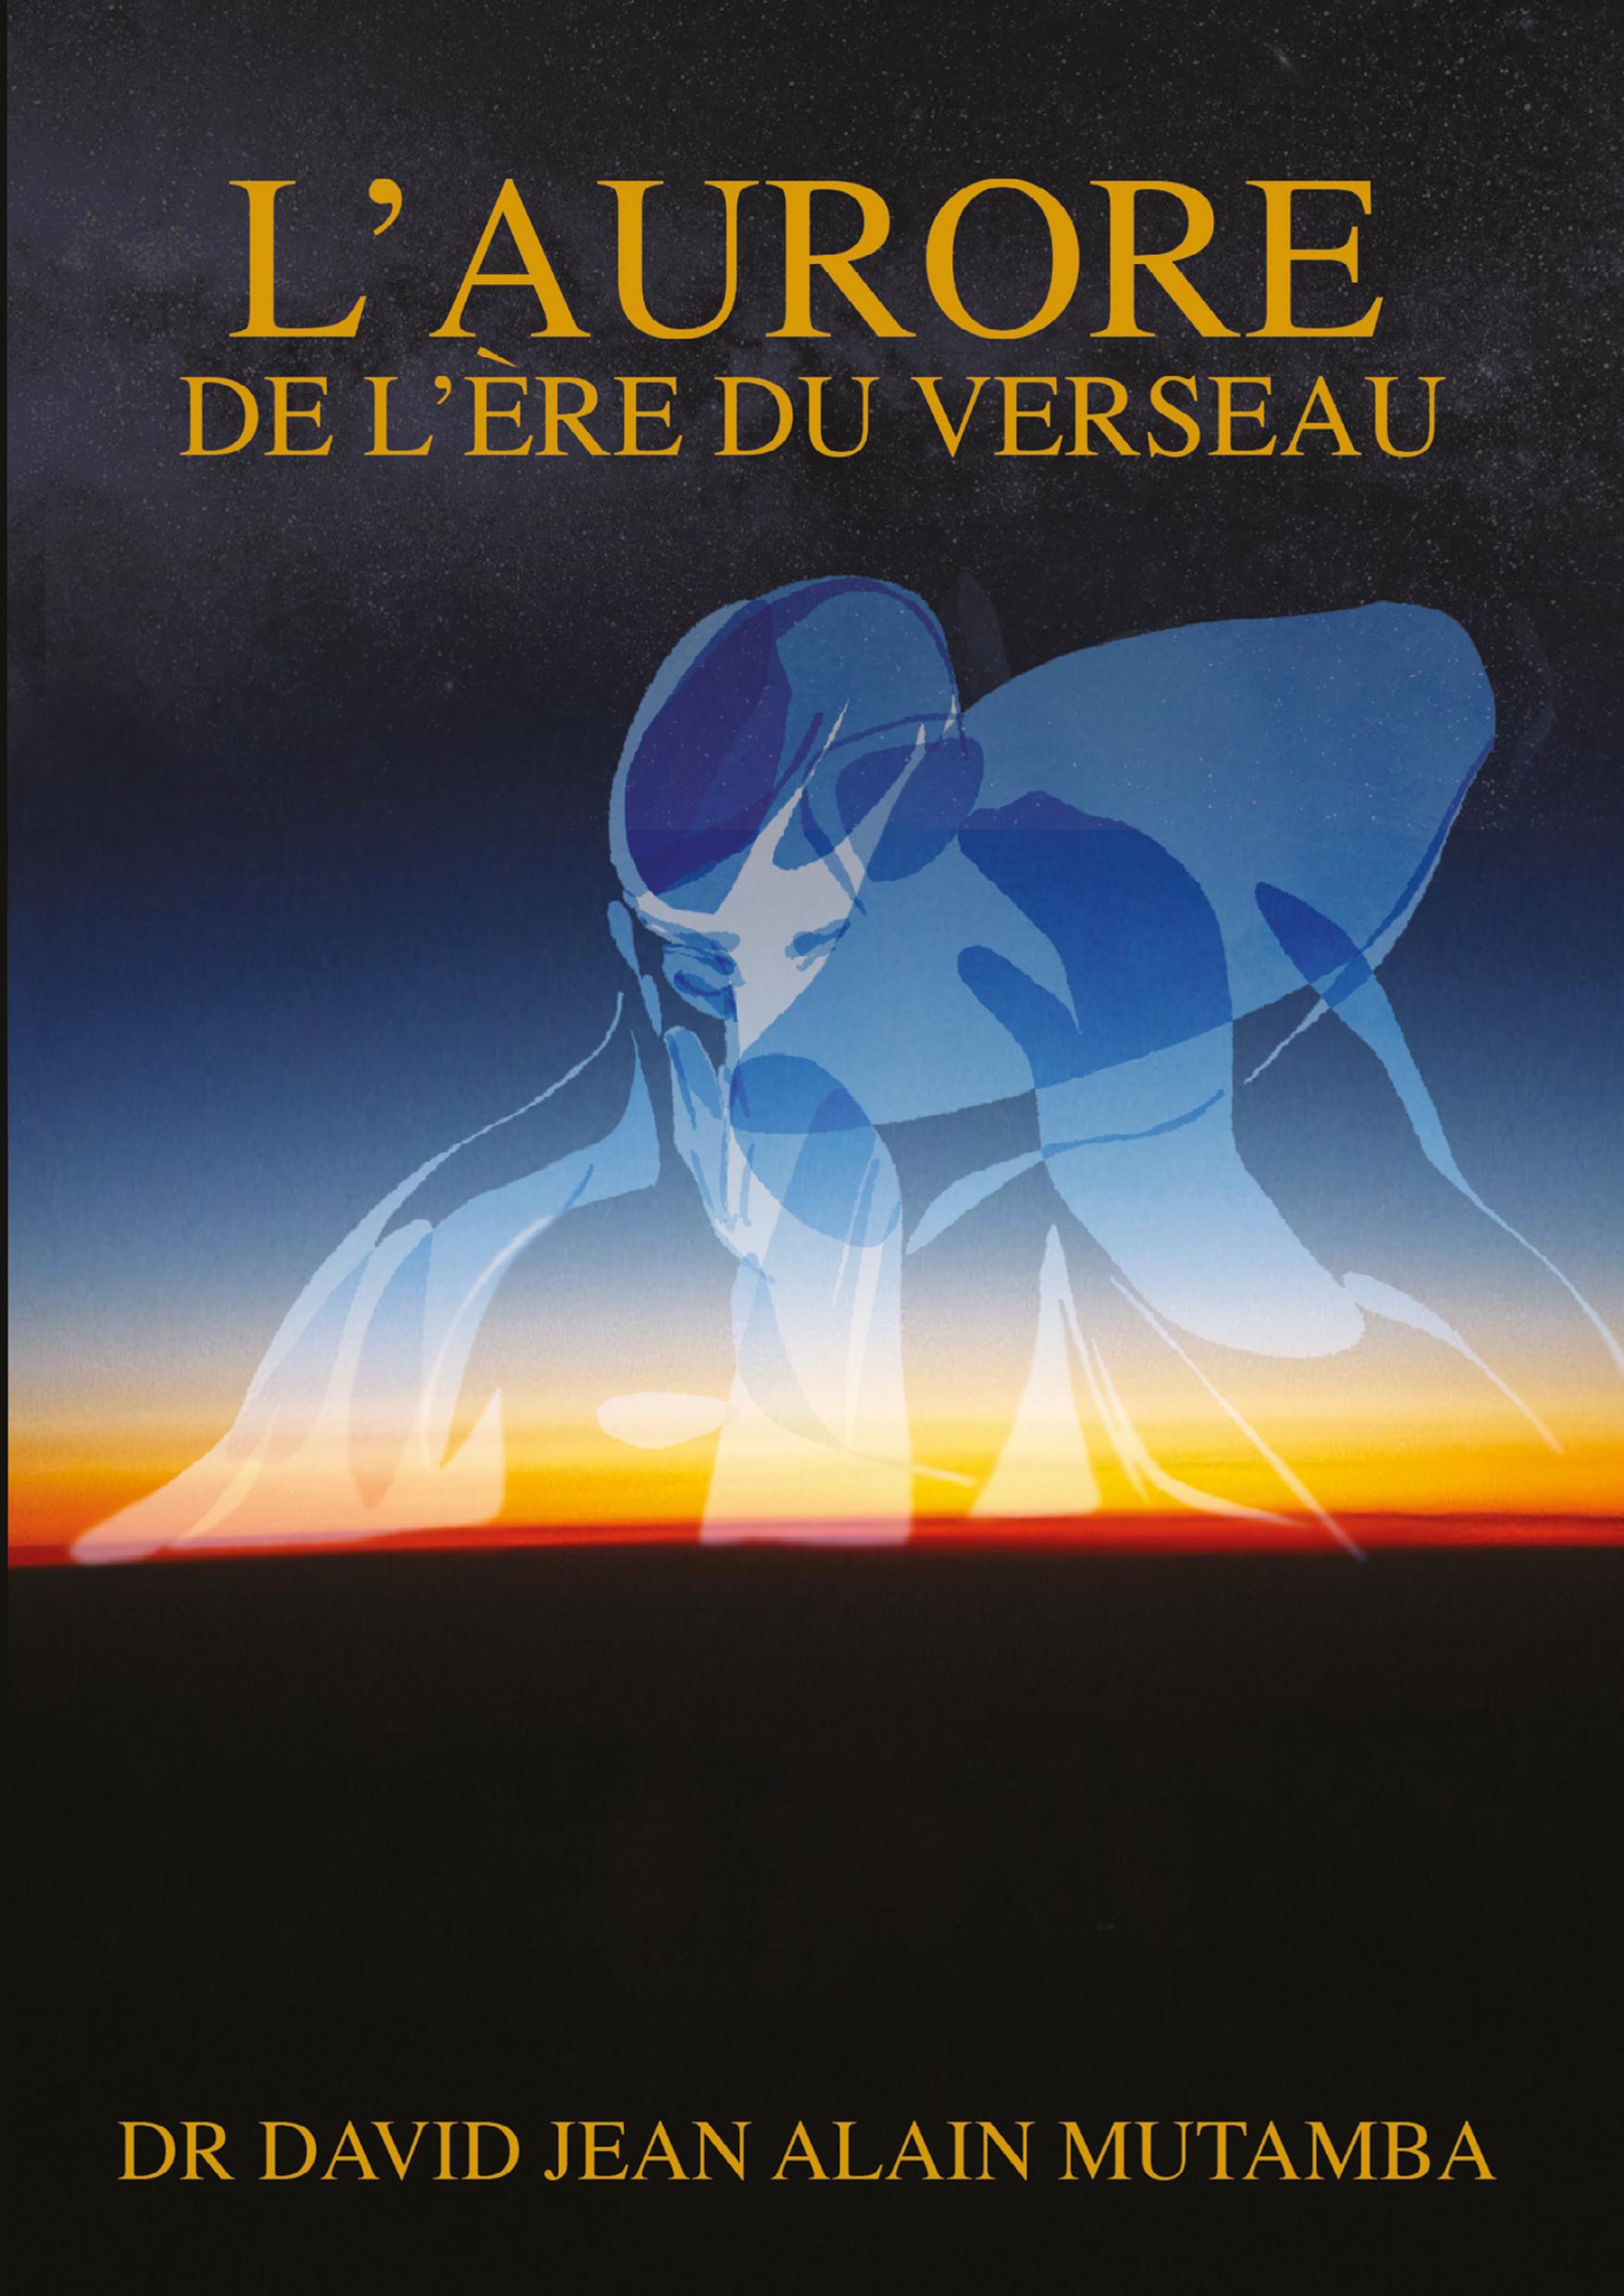 L'AURORE DE L'ÈRE DU VERSEAU